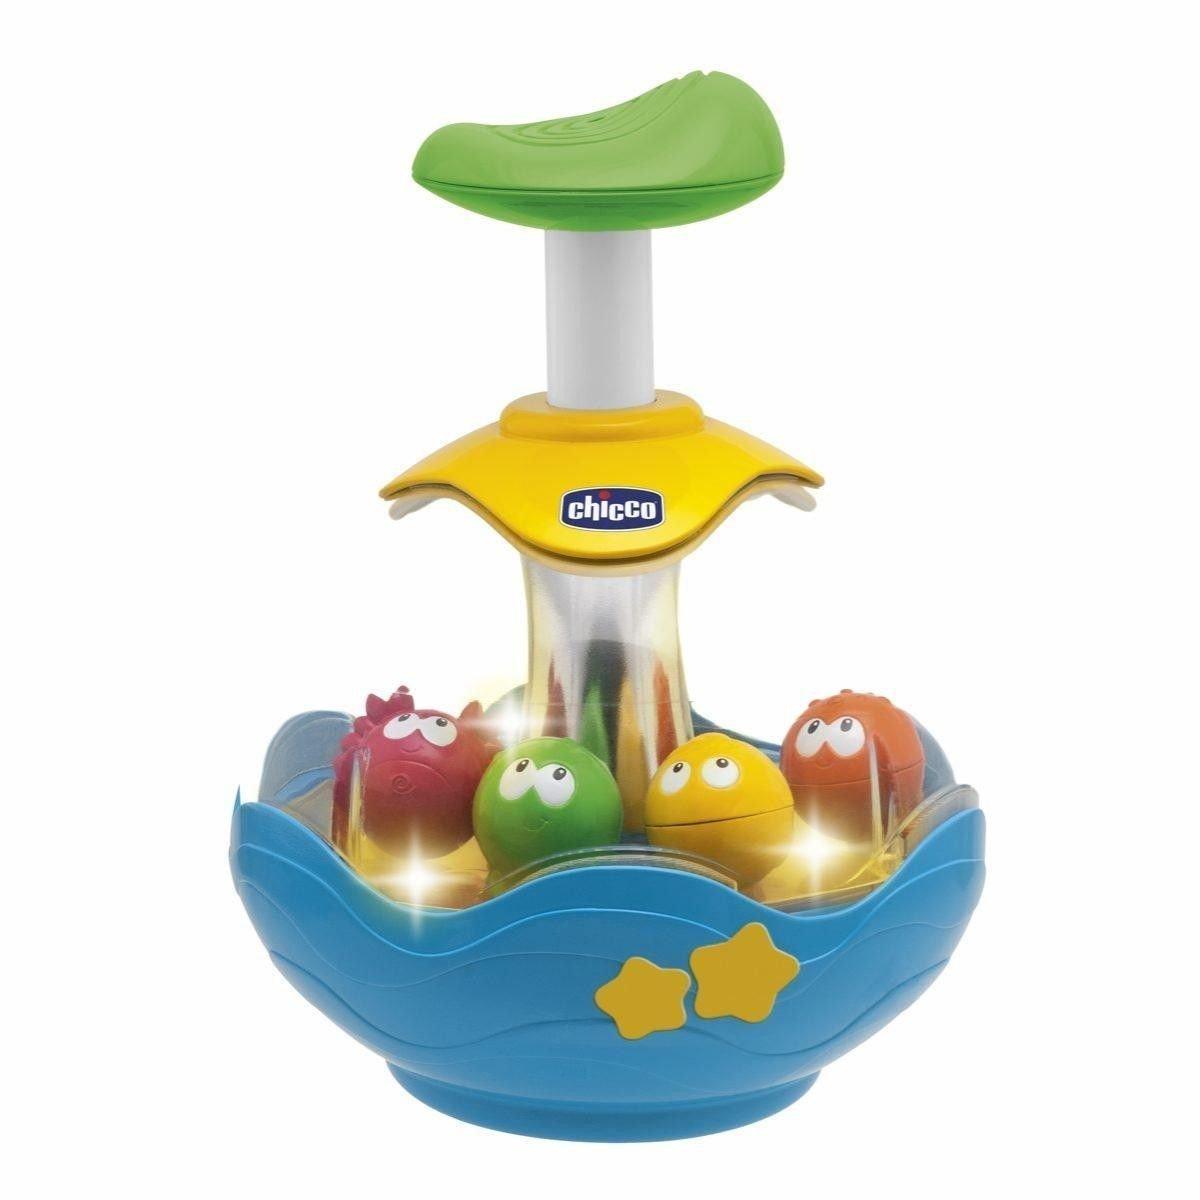 Купить Развивающая игрушка – Юла Aquarium, свет и звук, Chicco